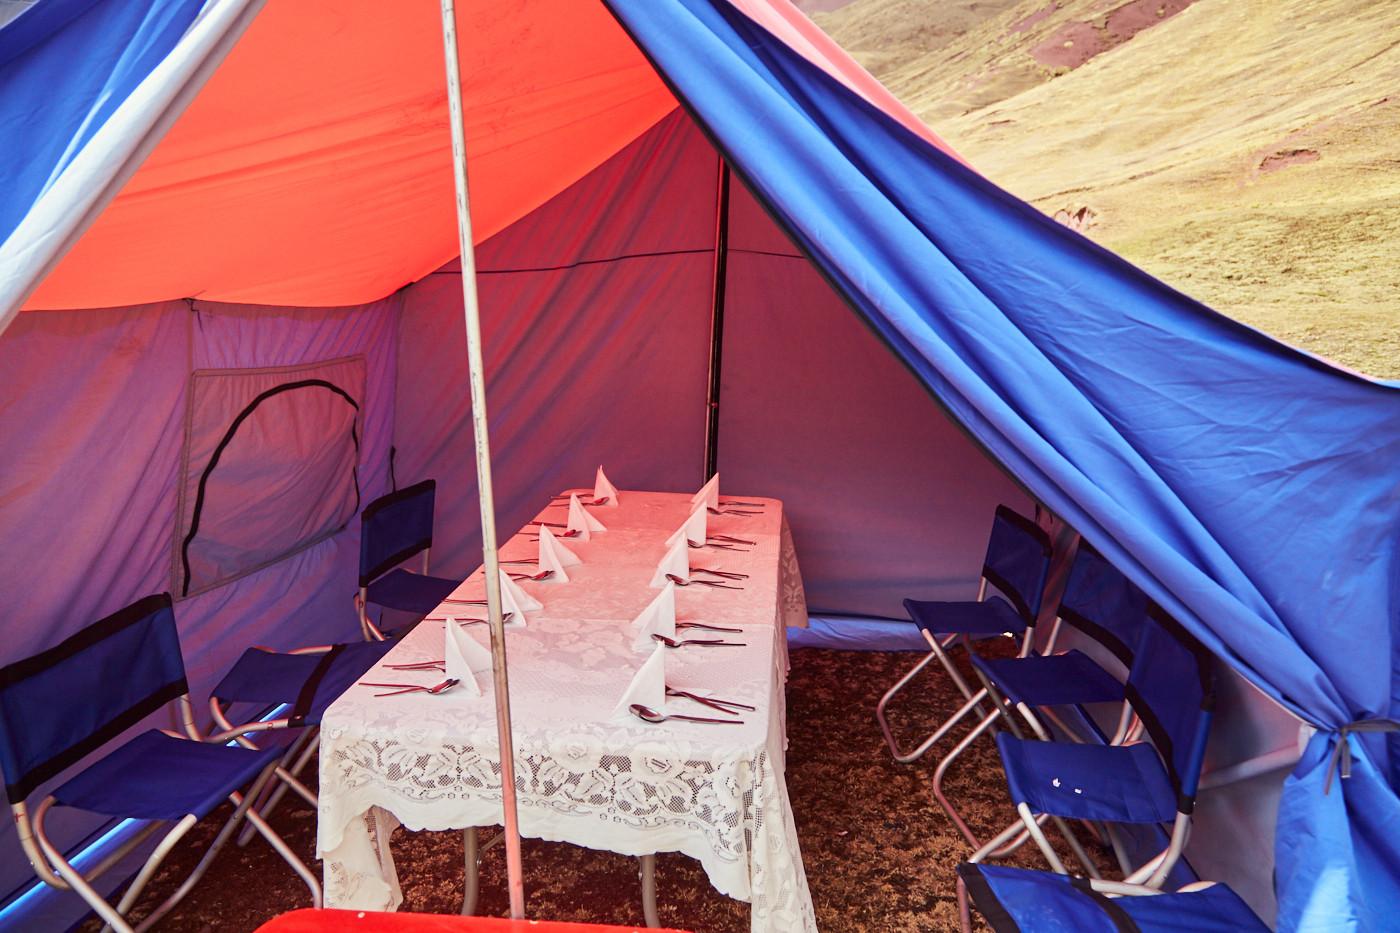 Unser Speisezelt - ein extra Zelt, mit Tisch und Stühlen, in dem wir Essen konnten - so etwas ausgefallenes hatte ich noch nie beim Zelten!